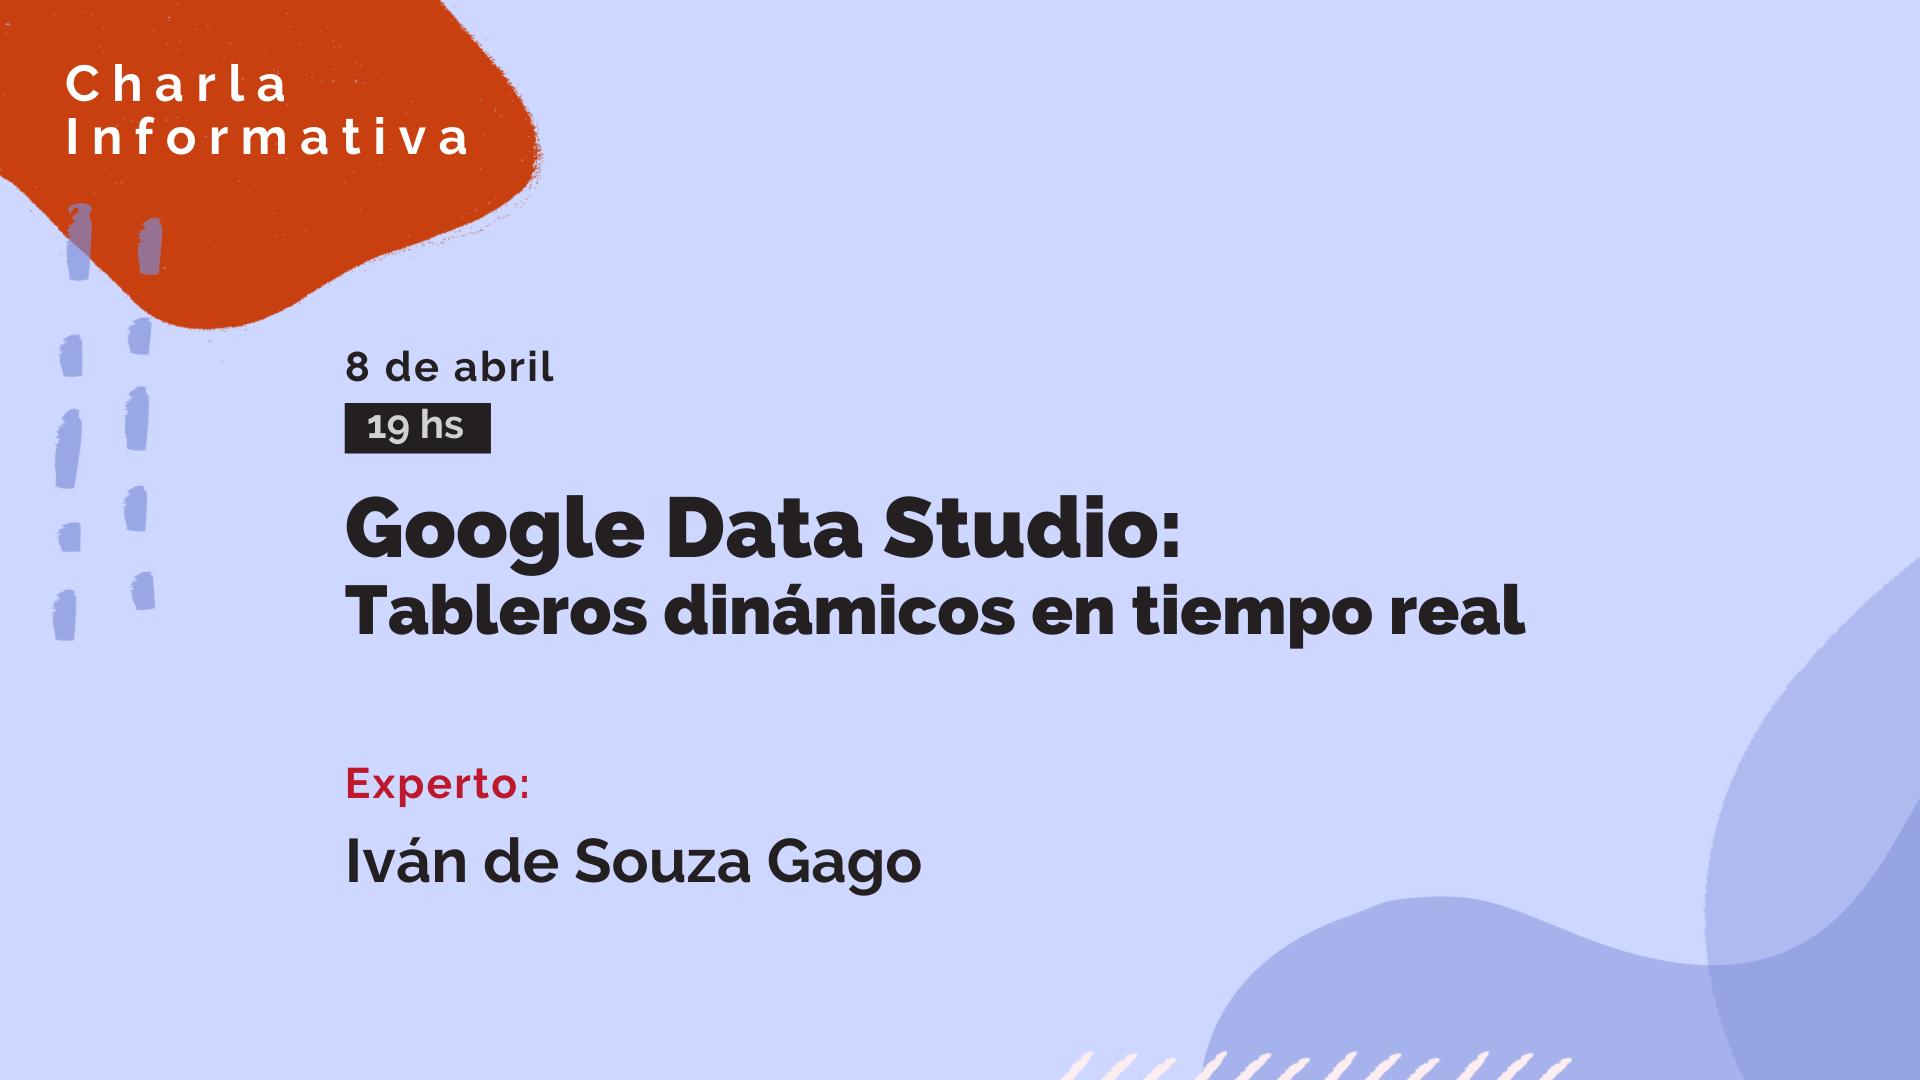 Charla informativa gratuita: Google Data Studio: tableros dinámicos en tiempo real.